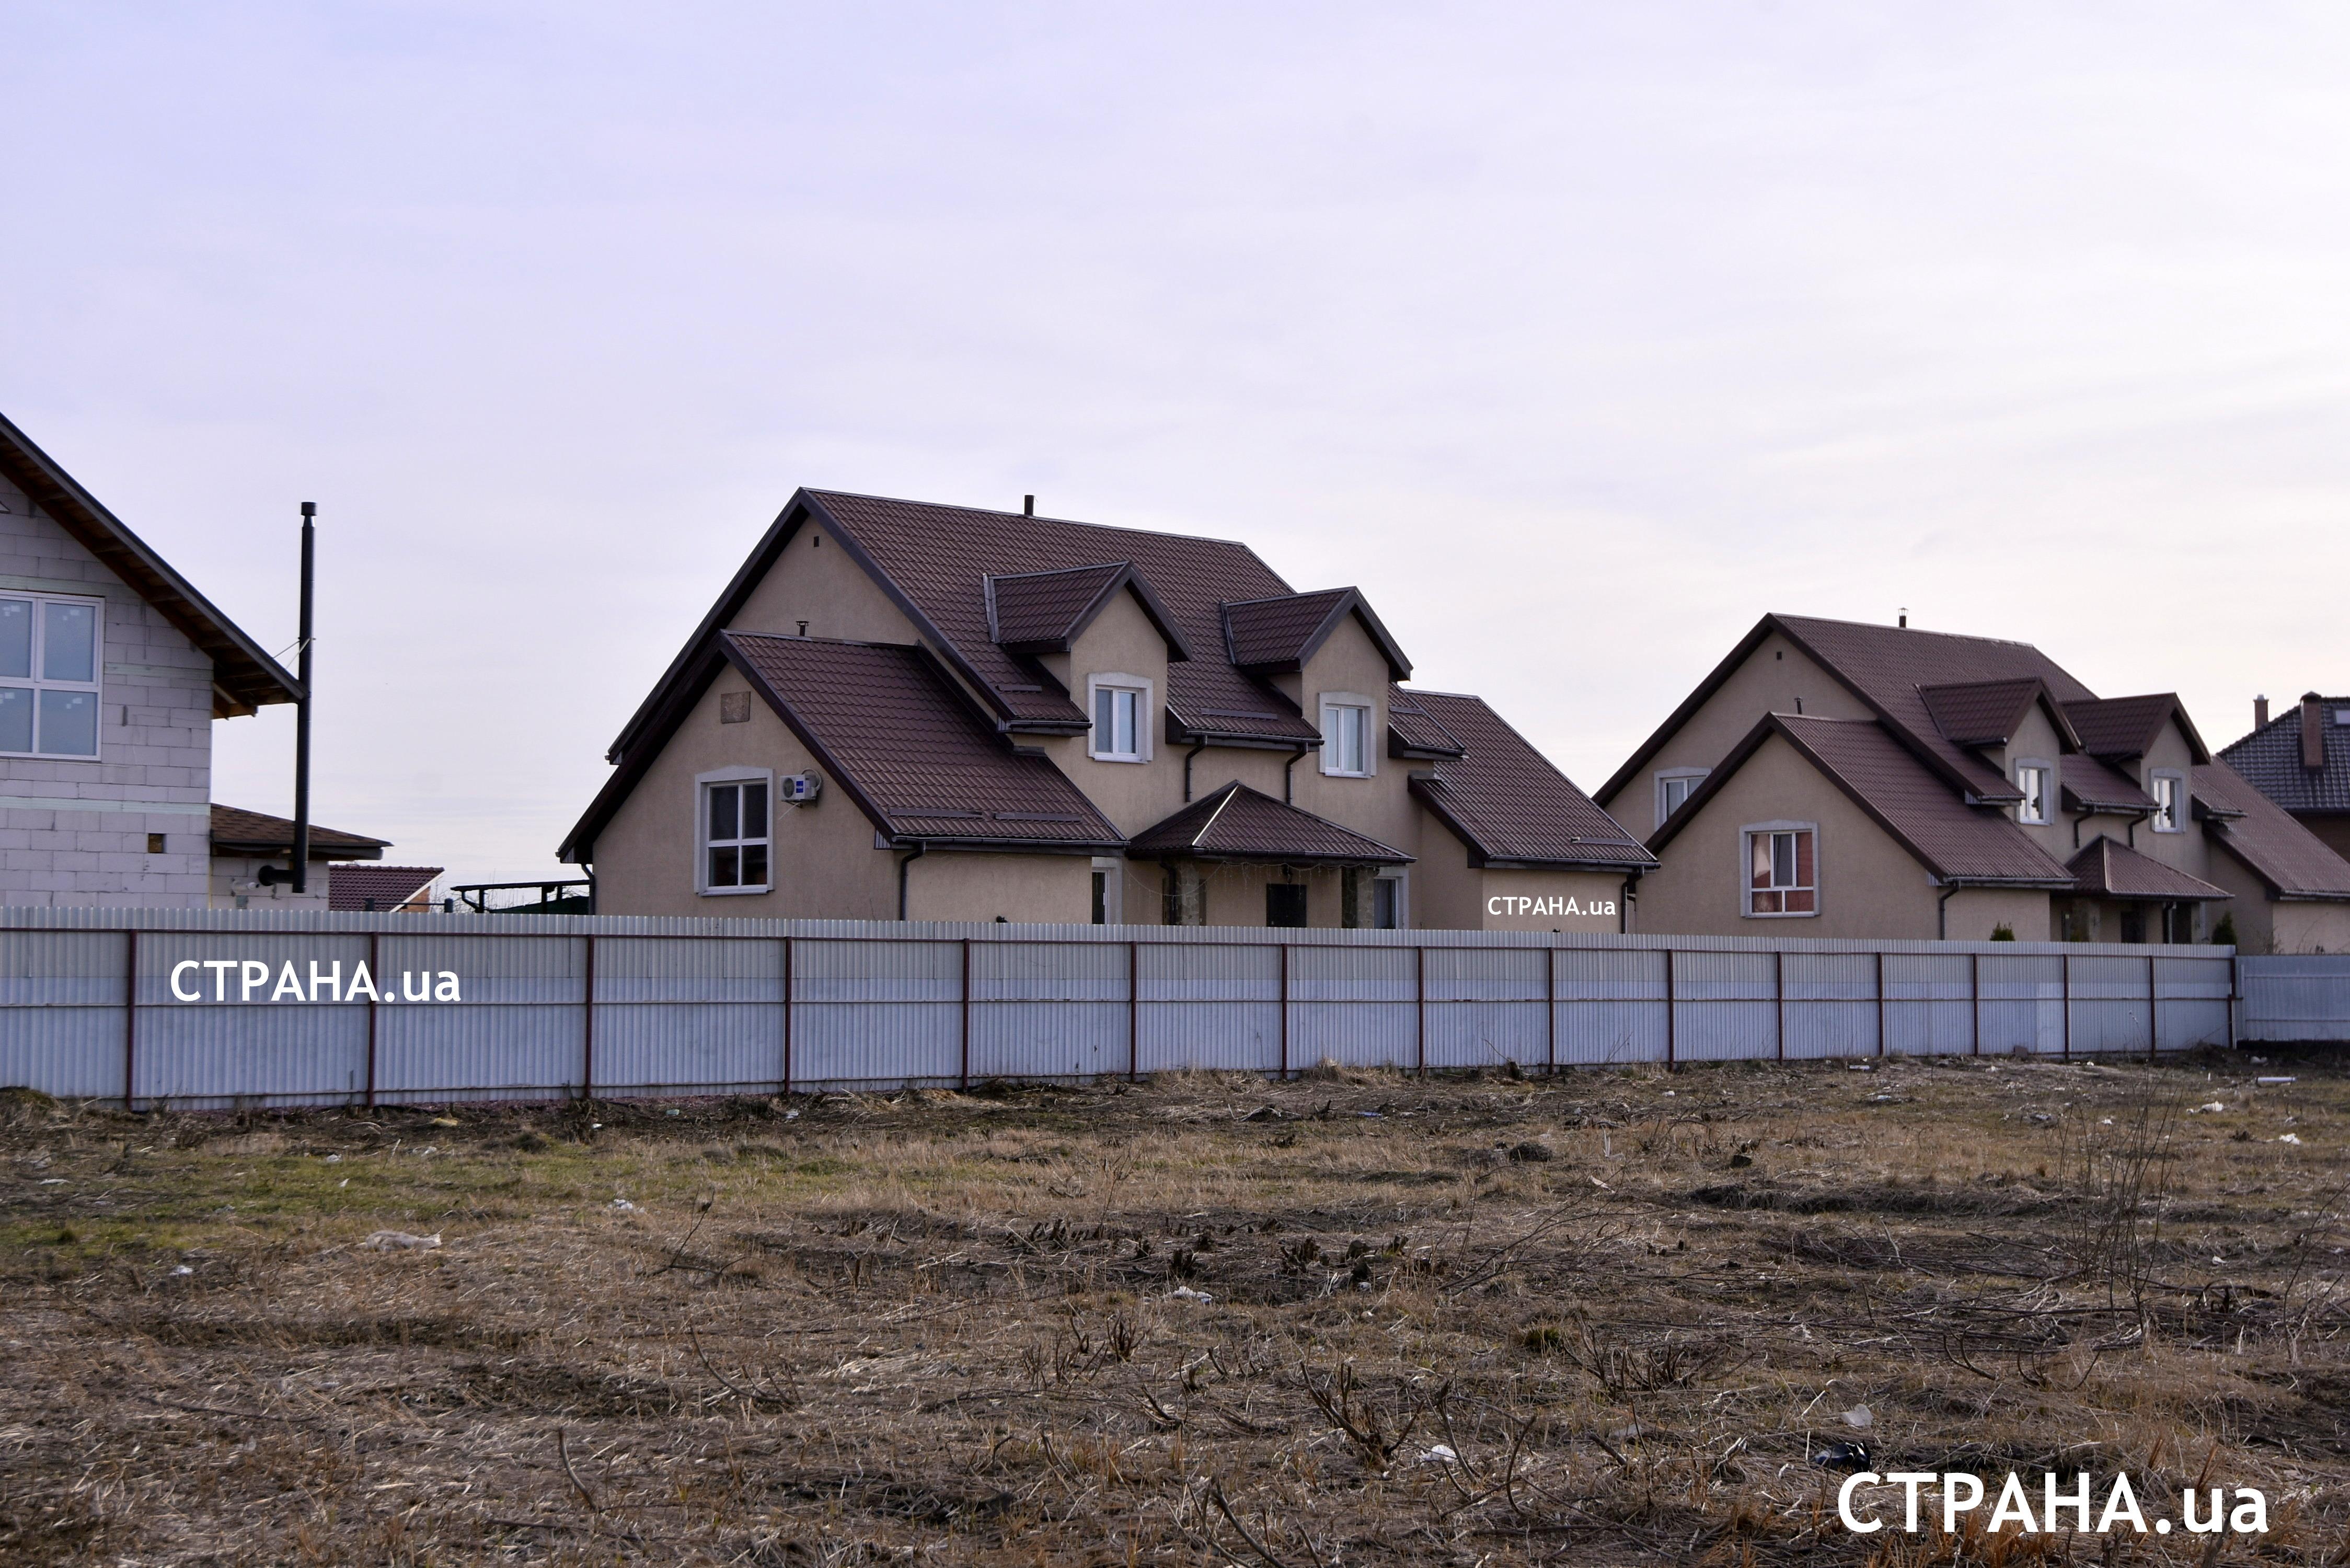 Дом семьи генпрокурора в Украине